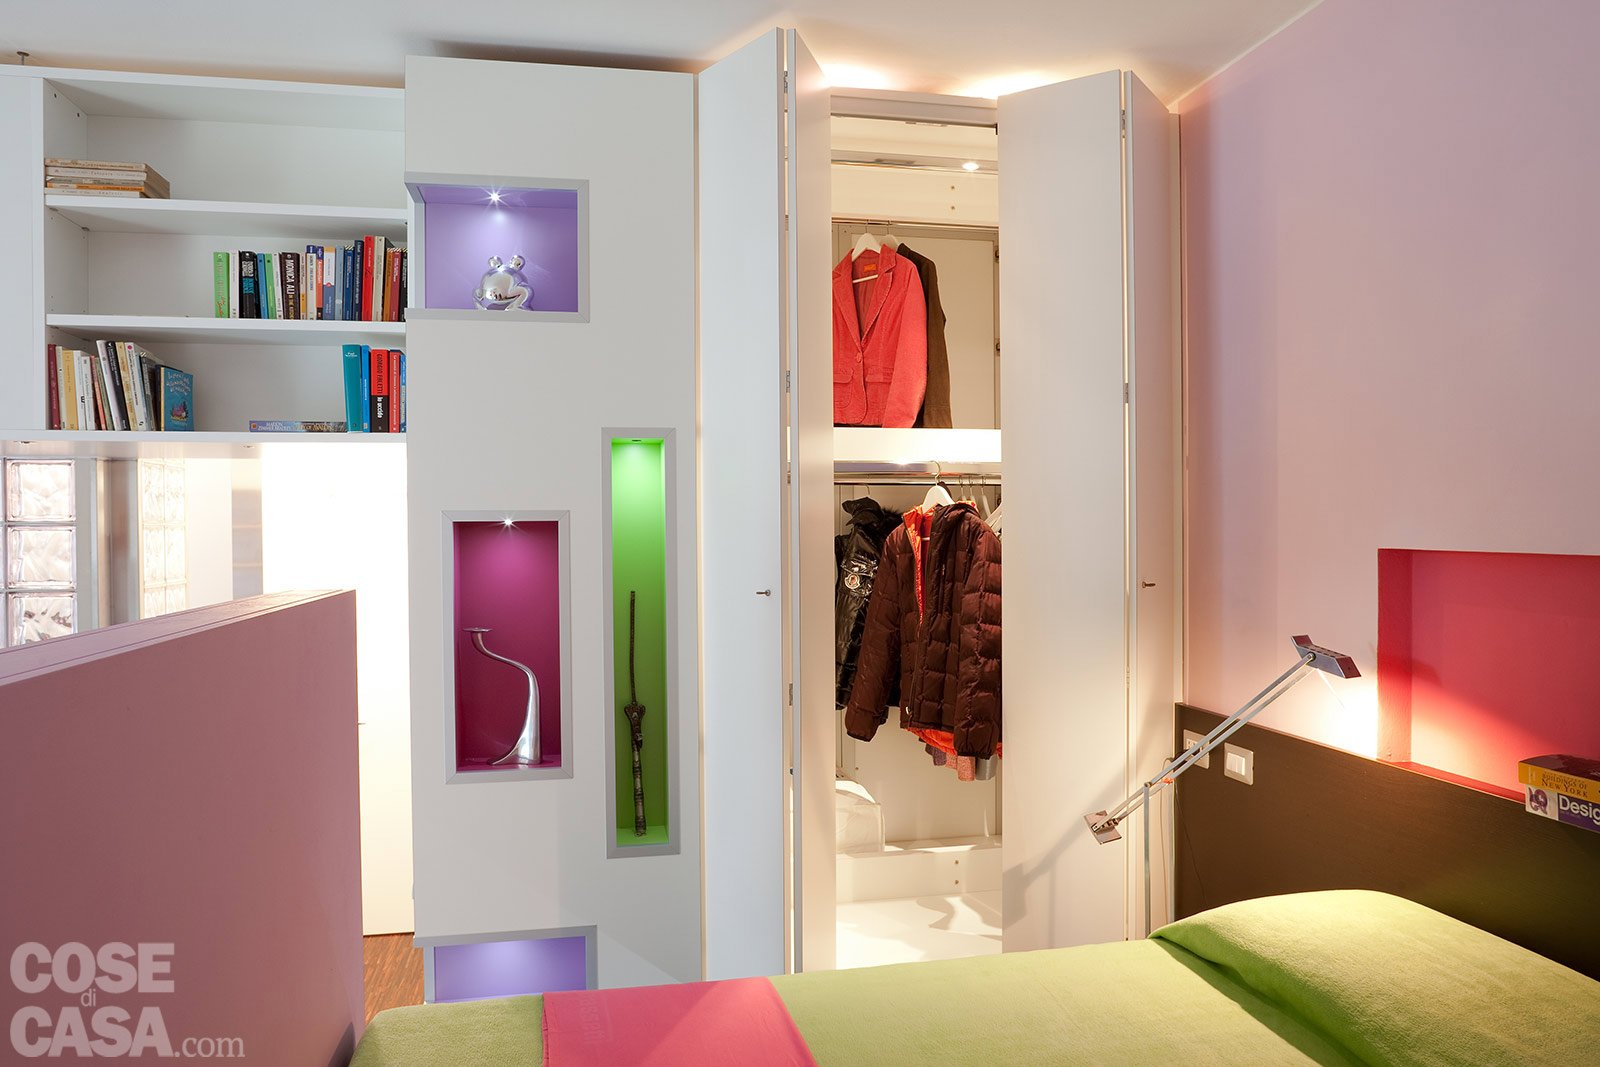 Una Casa Di 40 Mq: Monolocale Con Cucina Separata #3A2410 1600 1067 Come Arredare Una Stanza Con Cucina A Vista